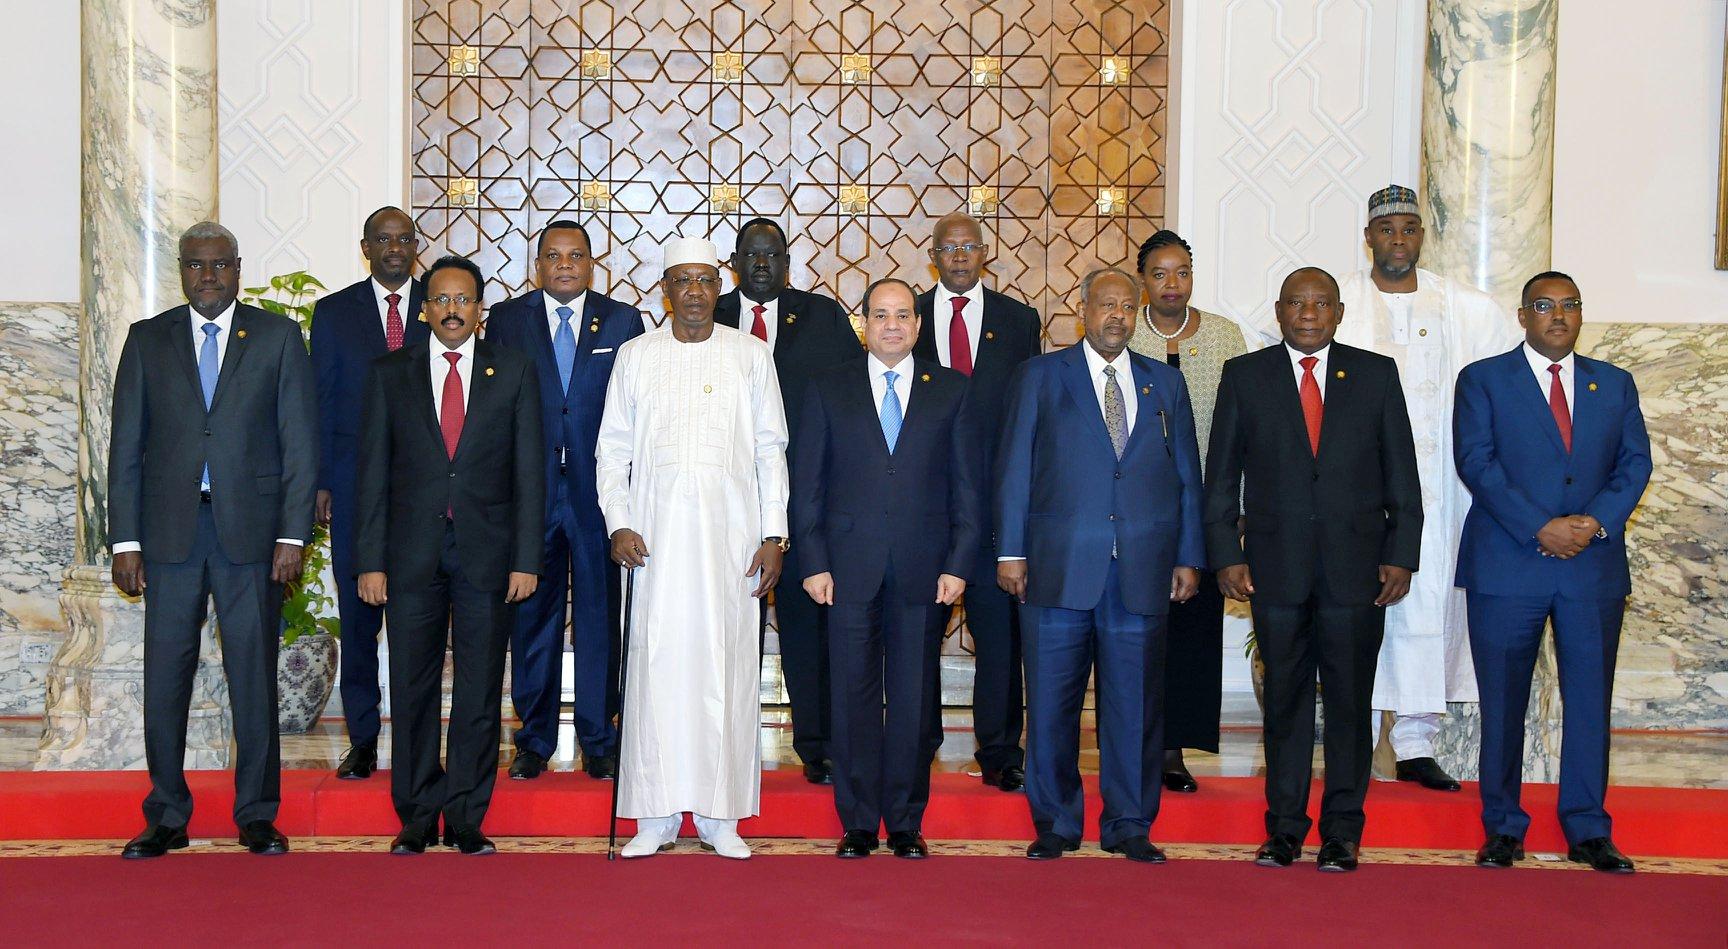 صورة تذكارية للزعماء المشاركين في القمة الأفريقية الطارئة لبحث الوضع السوداني (الصفحة الرسمية لمتحدث الرئاسة المصرية على فيسبوك)